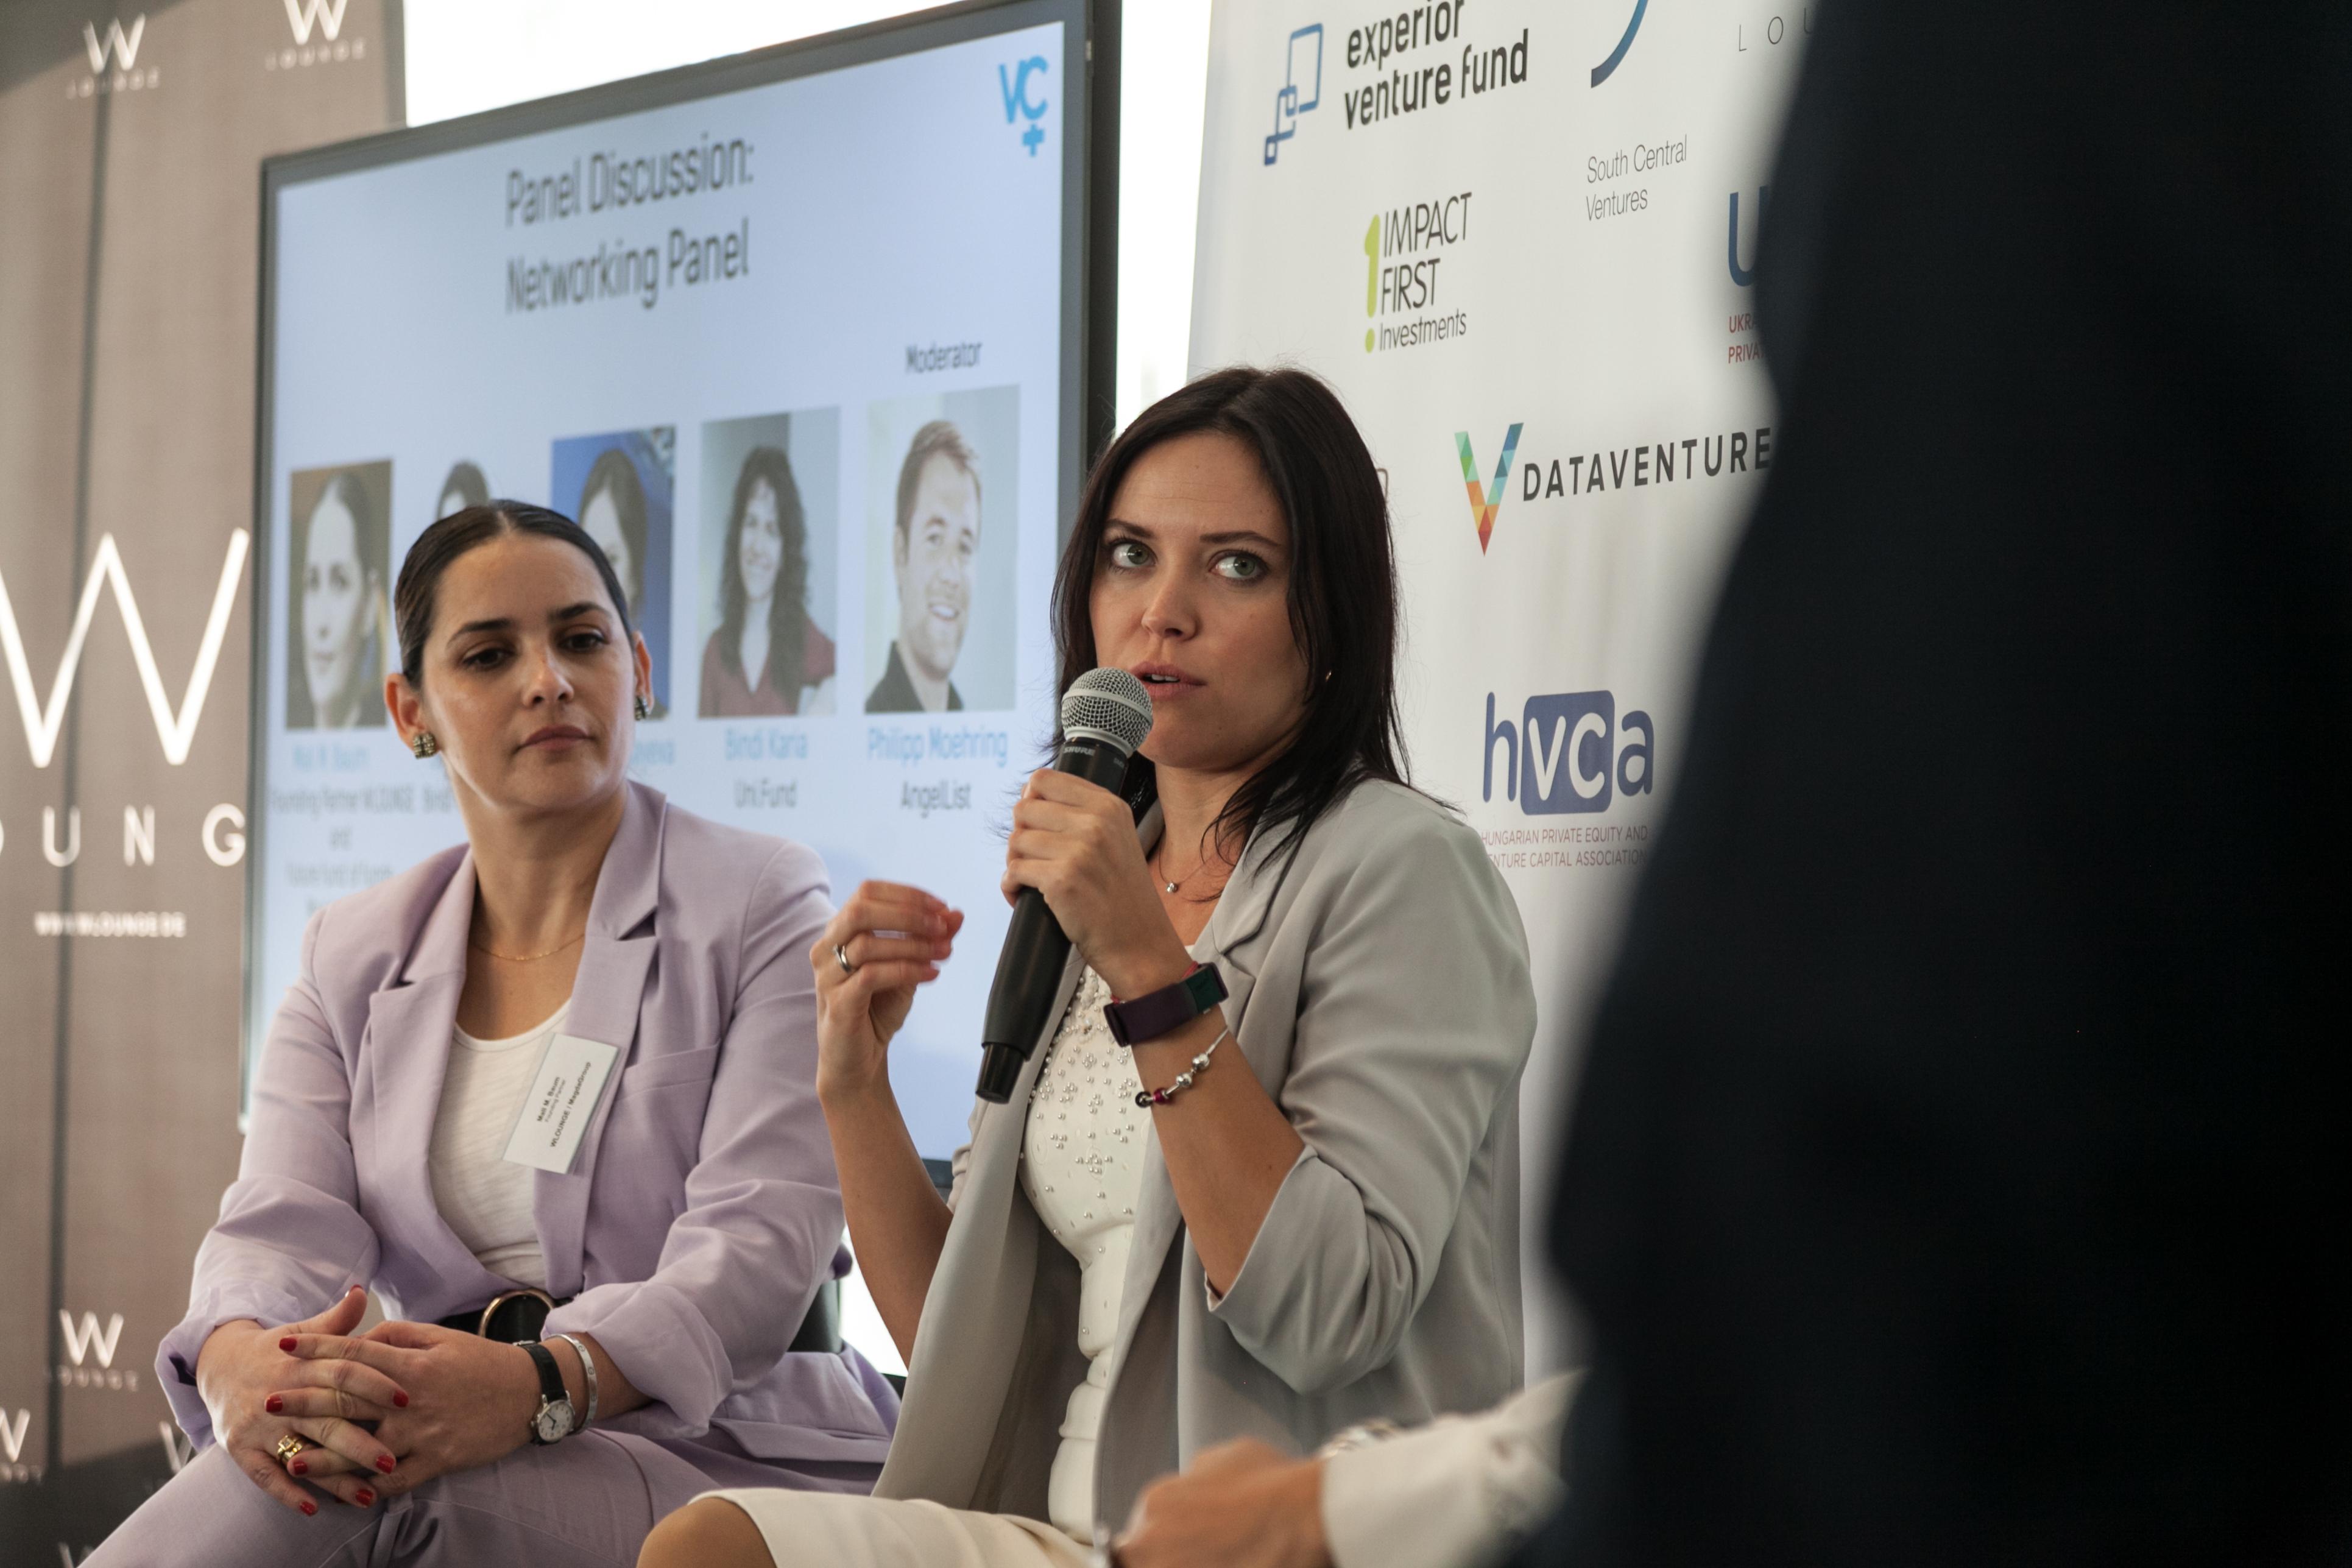 European Women in VC Berlin Summit